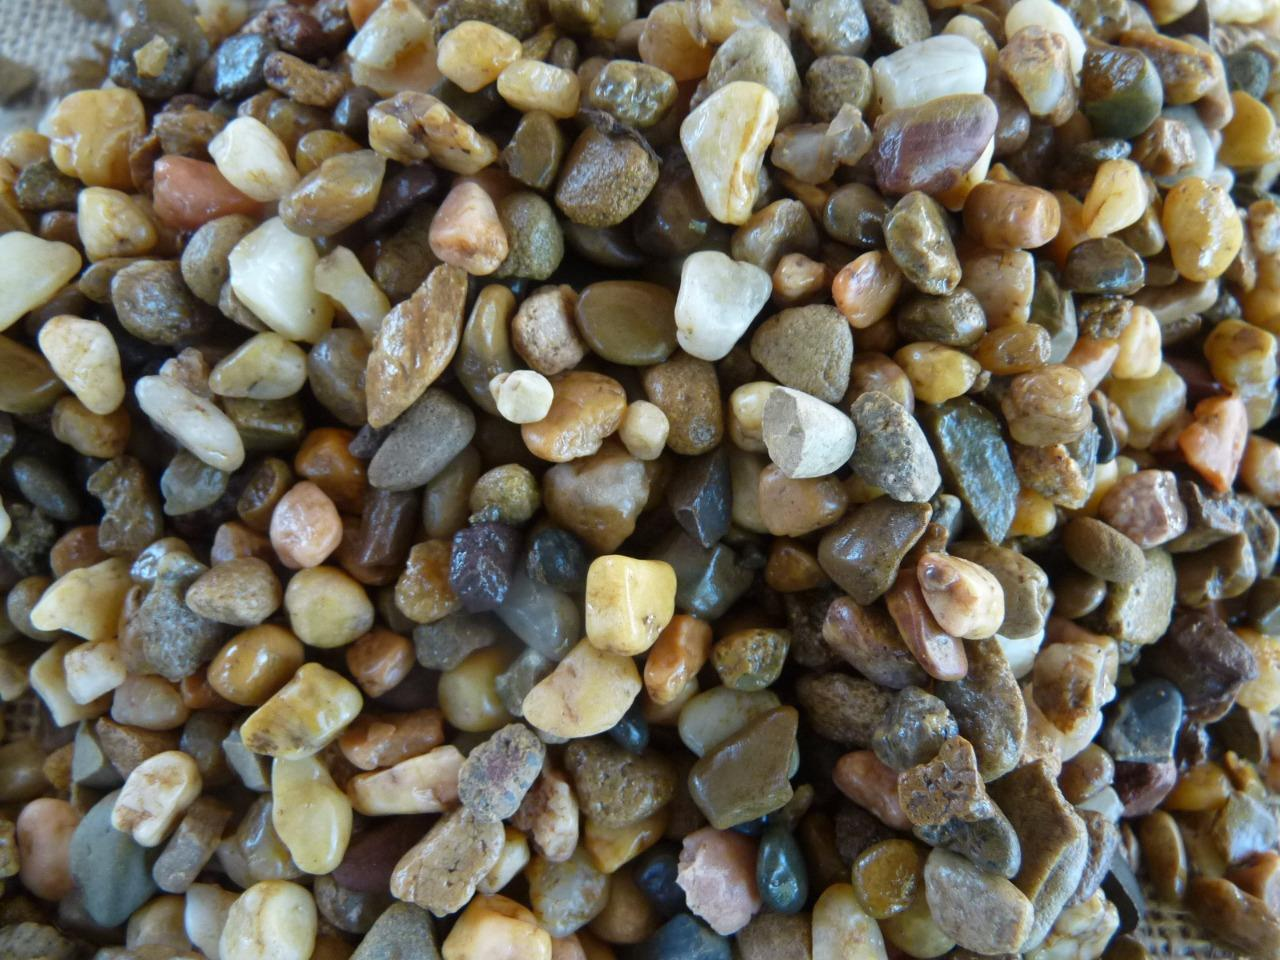 Small stream stone 5mm decorative stones rocks cactus for Small decorative rocks